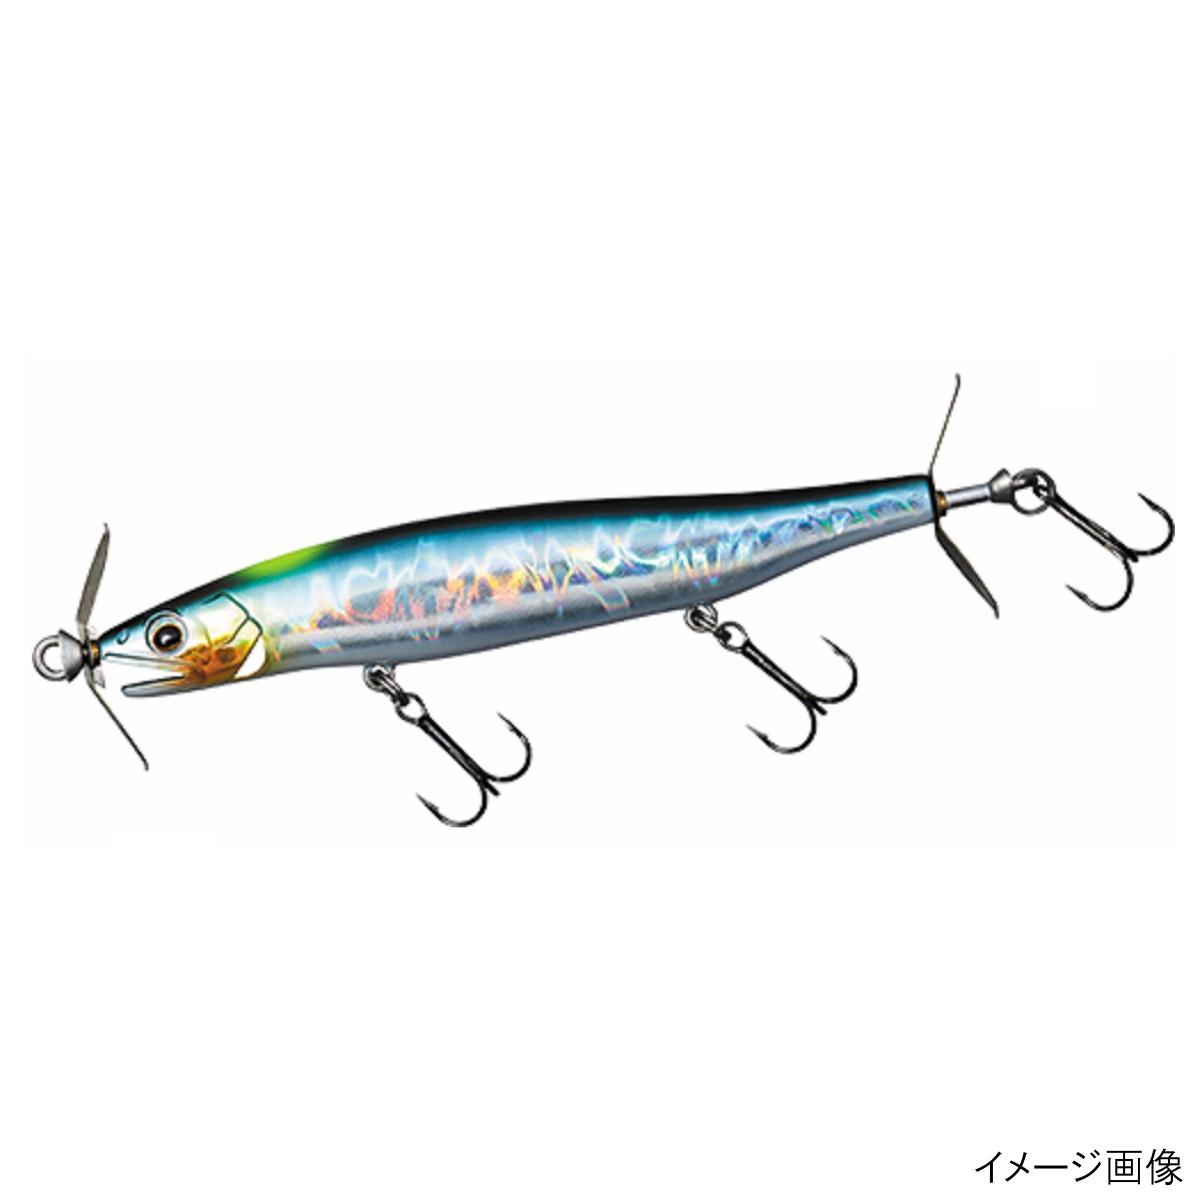 ダイワ ガストネード 110S サイトシャイナー【ゆうパケット】